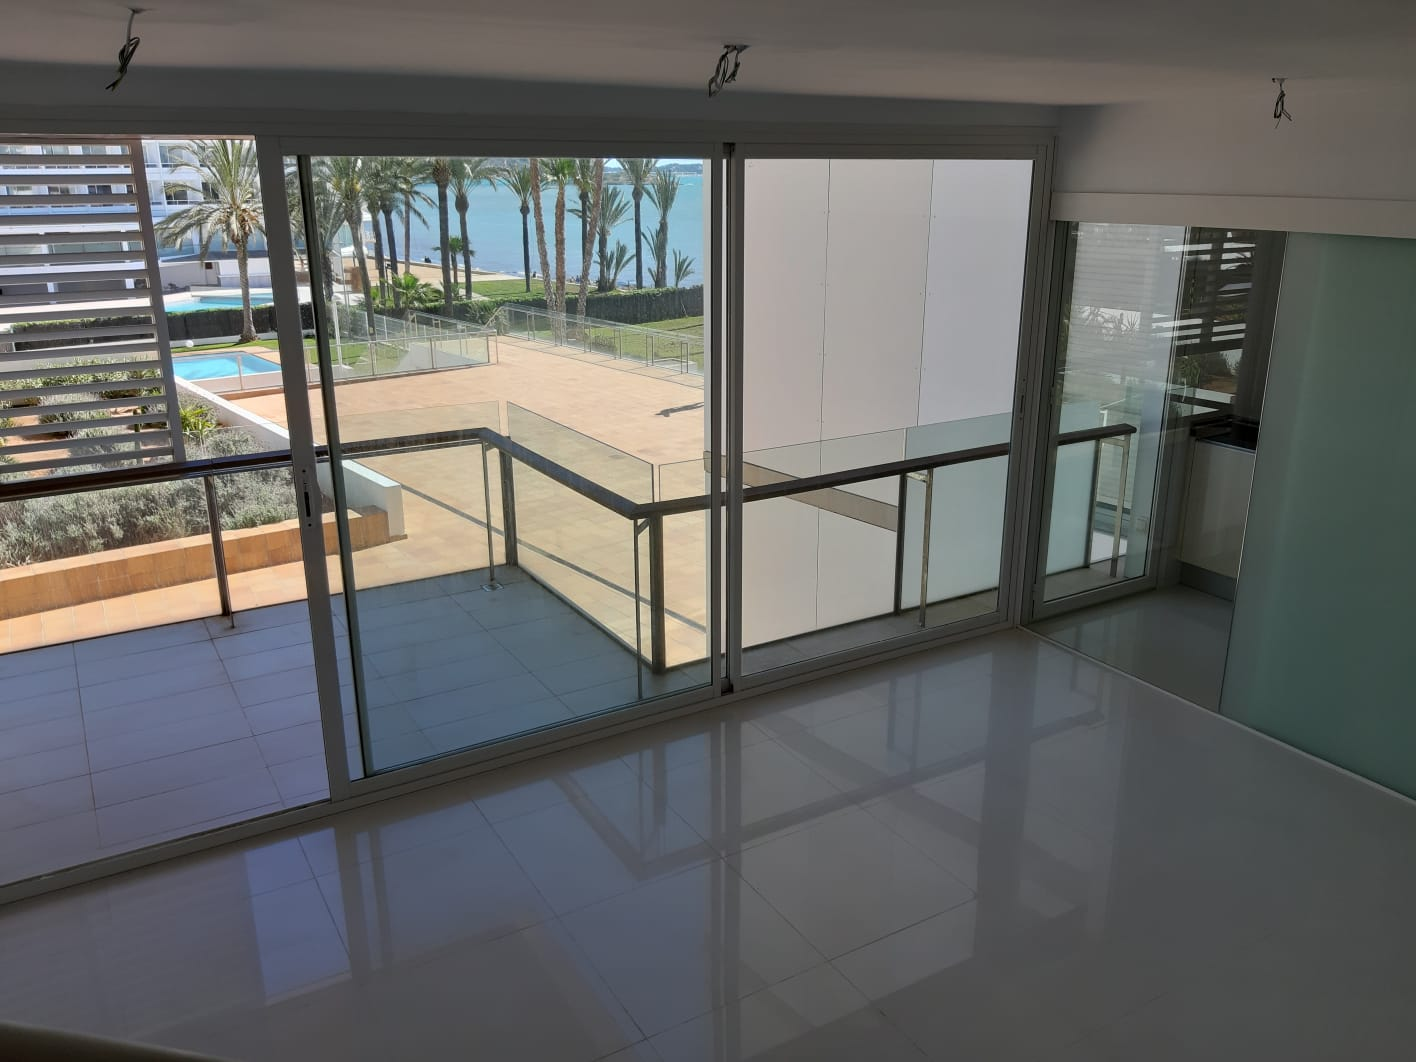 Appartamento fronte mare di lusso in vendita nella residenza Bossa del Mar